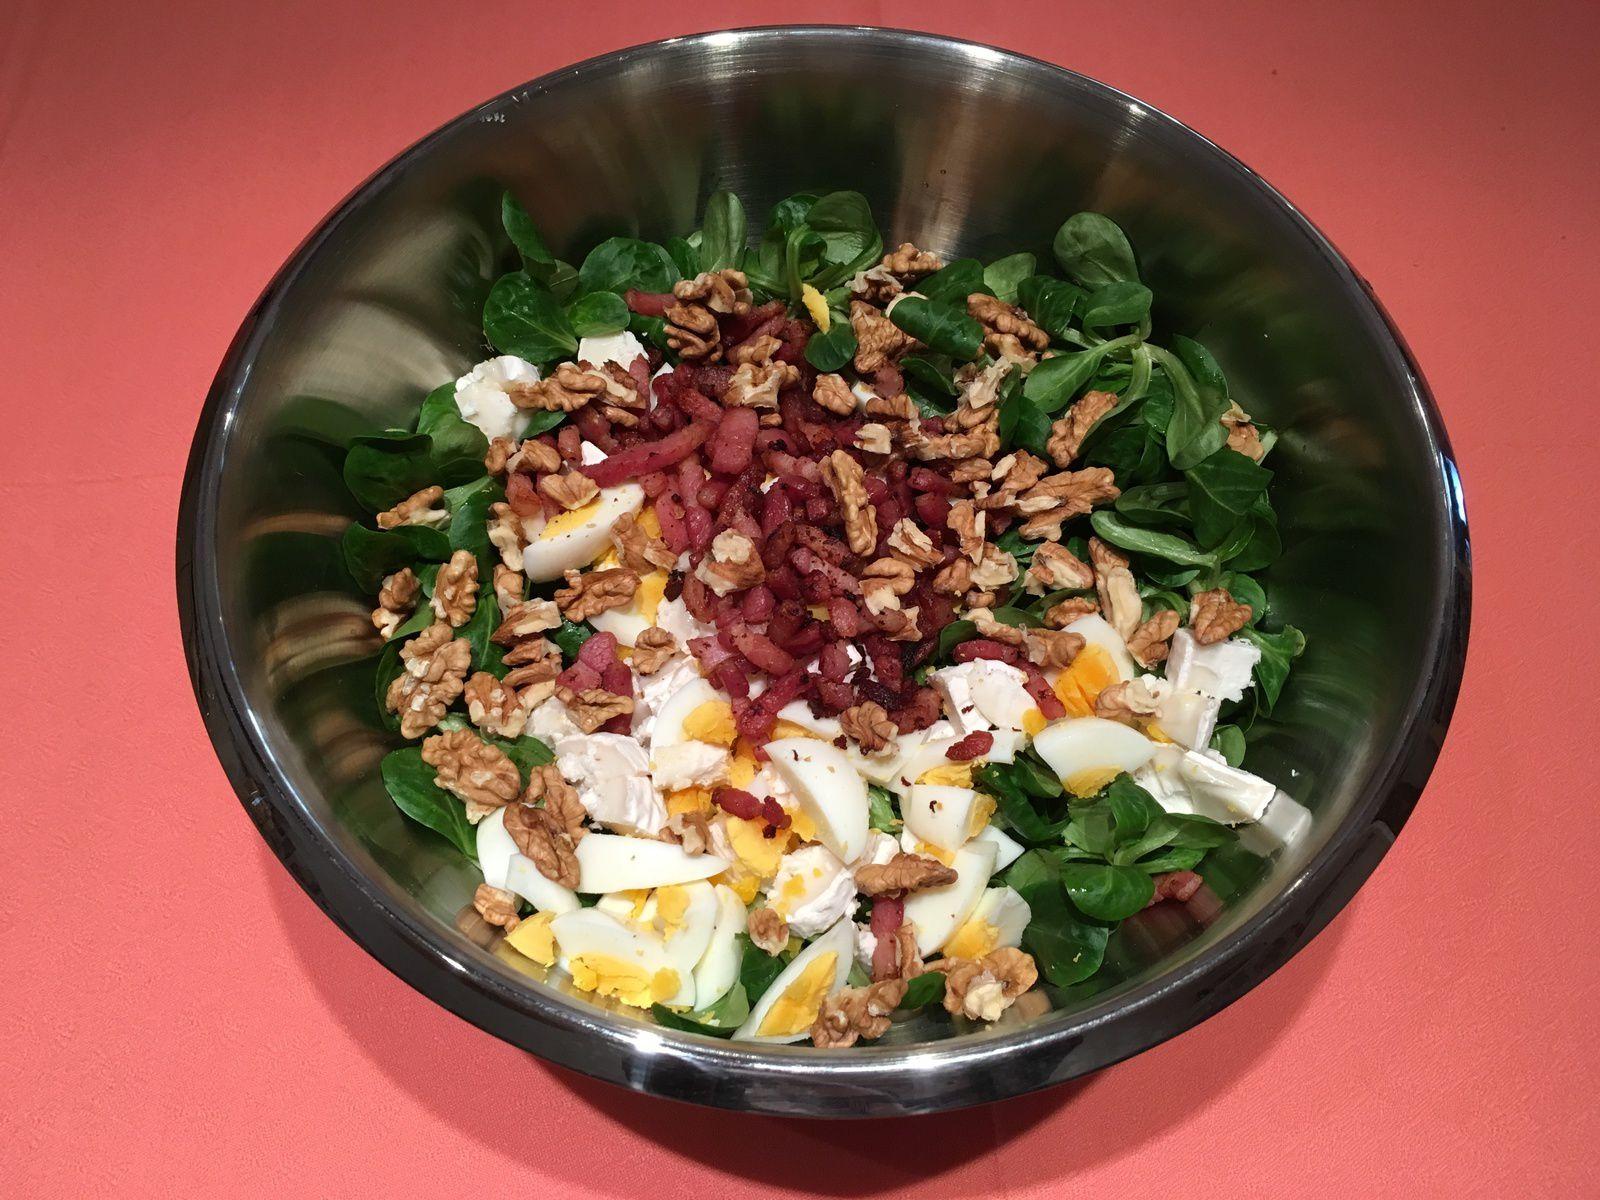 Salade de mâche, œufs, lardons, chèvre et noix